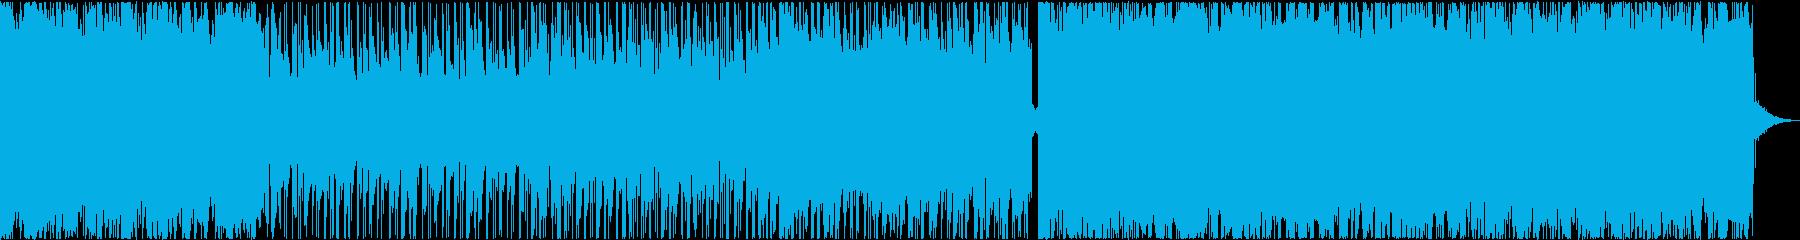 シリアスなギターロックの再生済みの波形